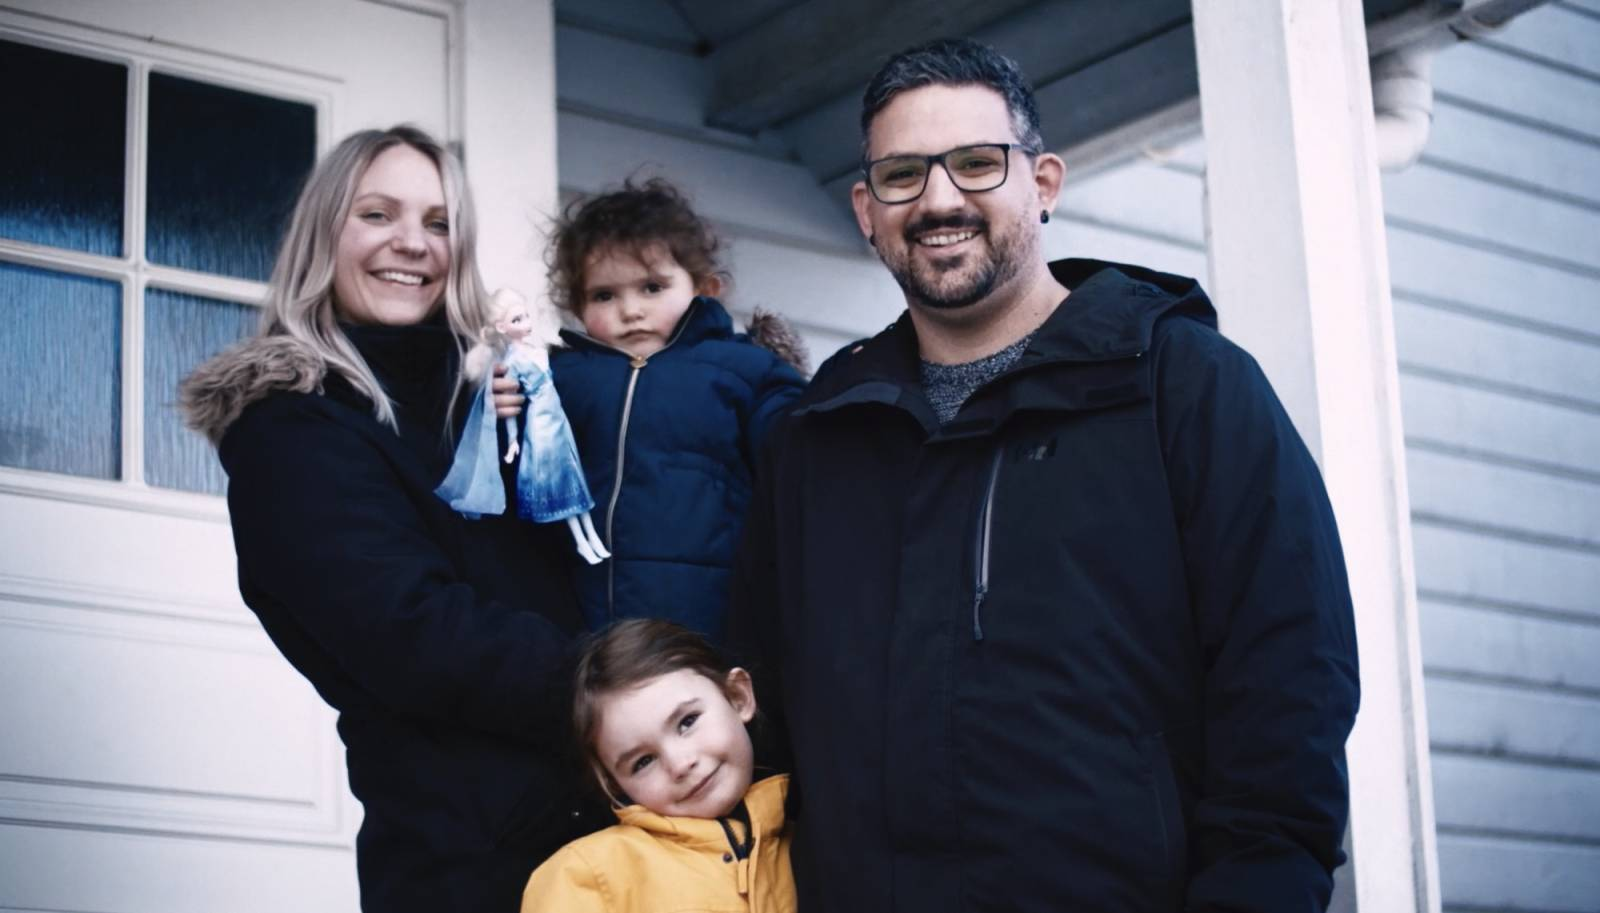 Familie på fire som står utenfor et hus. To barn, mann og kvinne.